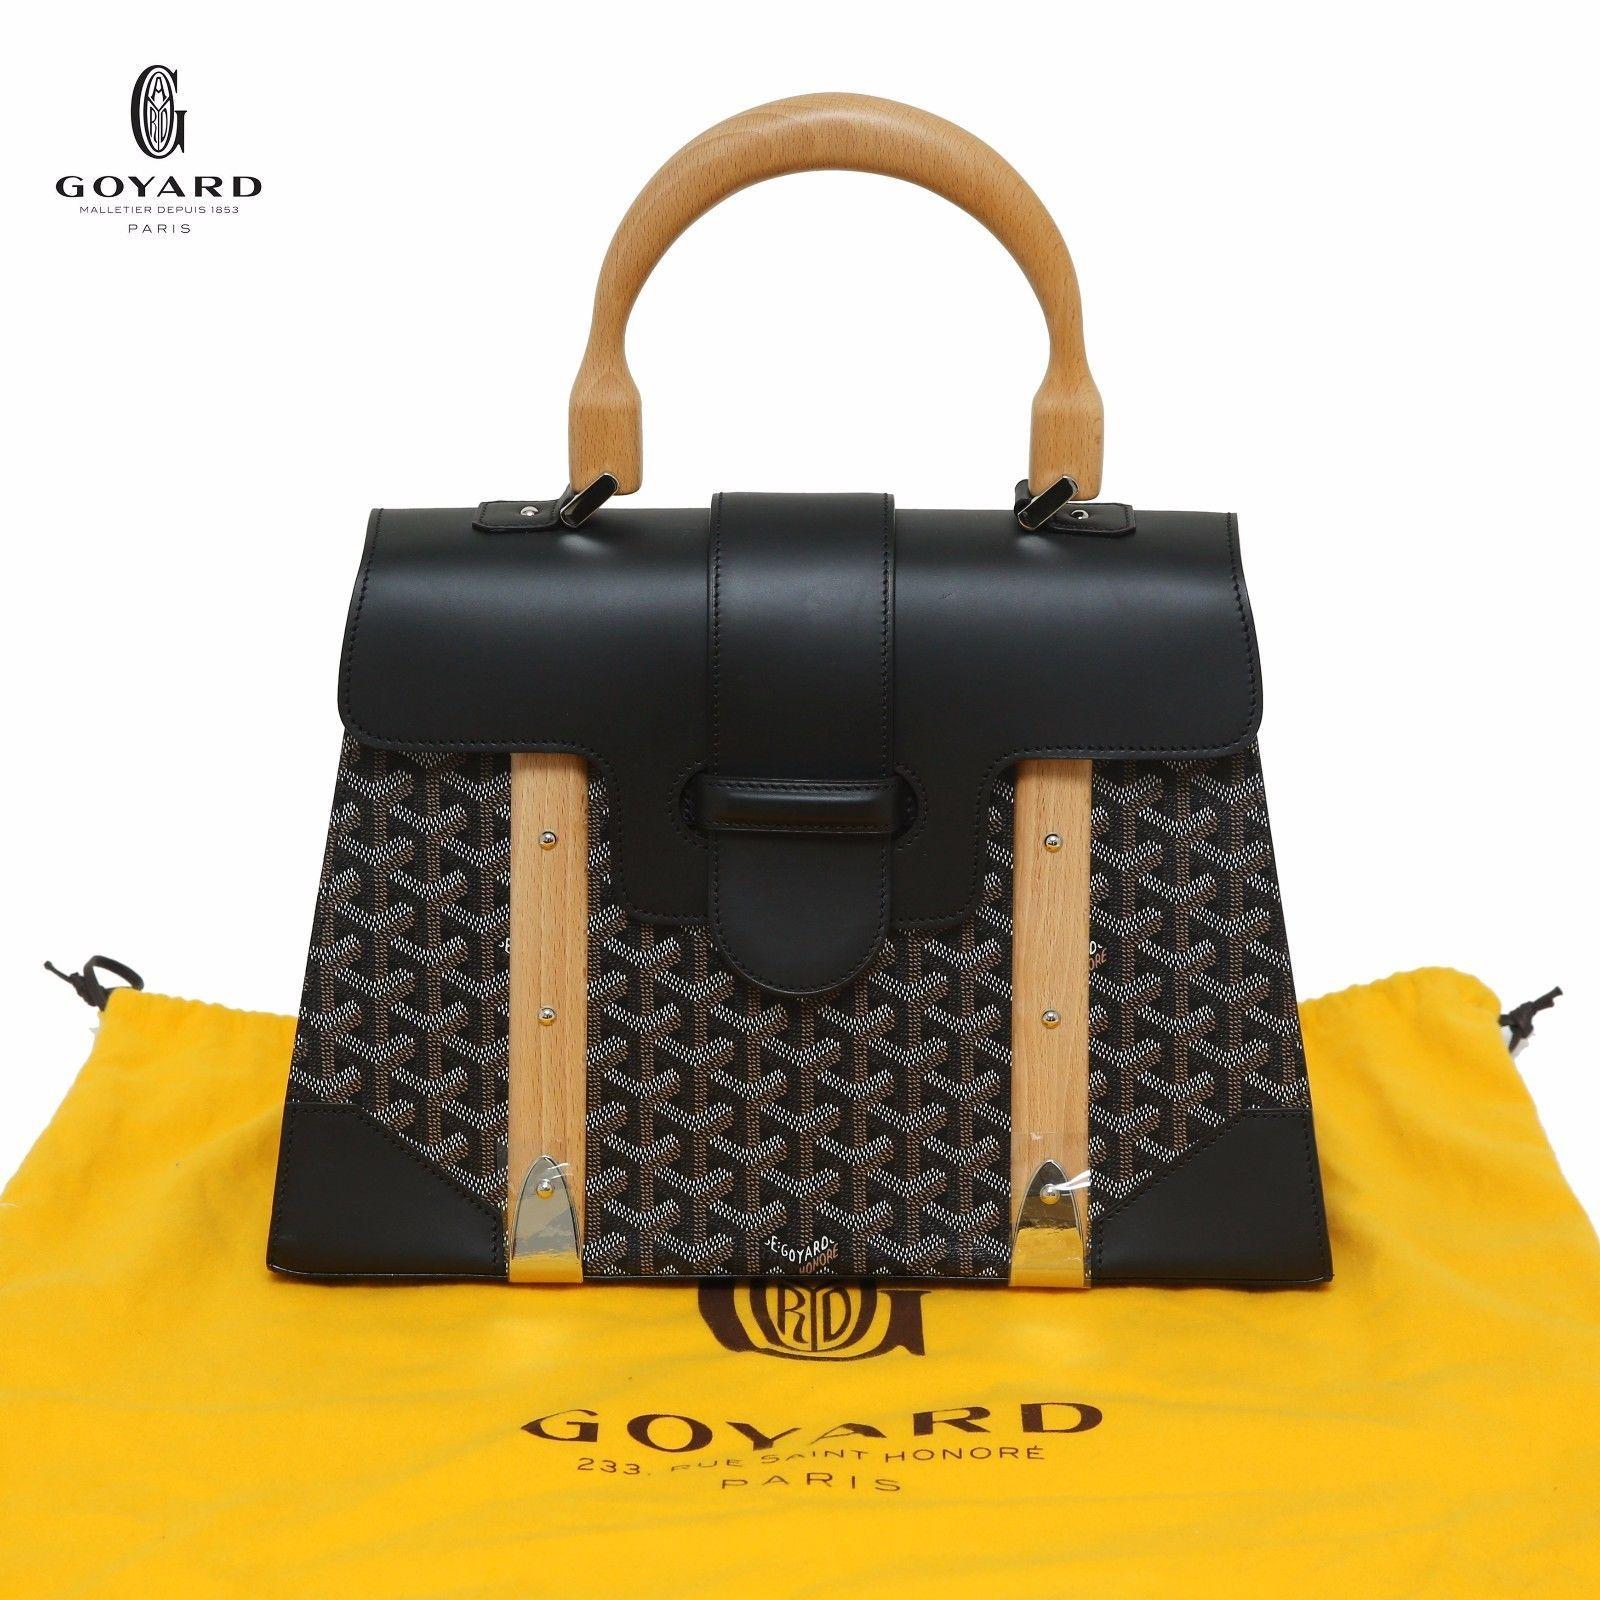 d1487d5cc12c GOYARD Chevron Saigon MM Black Leather & Canvas Tote Wooden Handle Retail  6500$